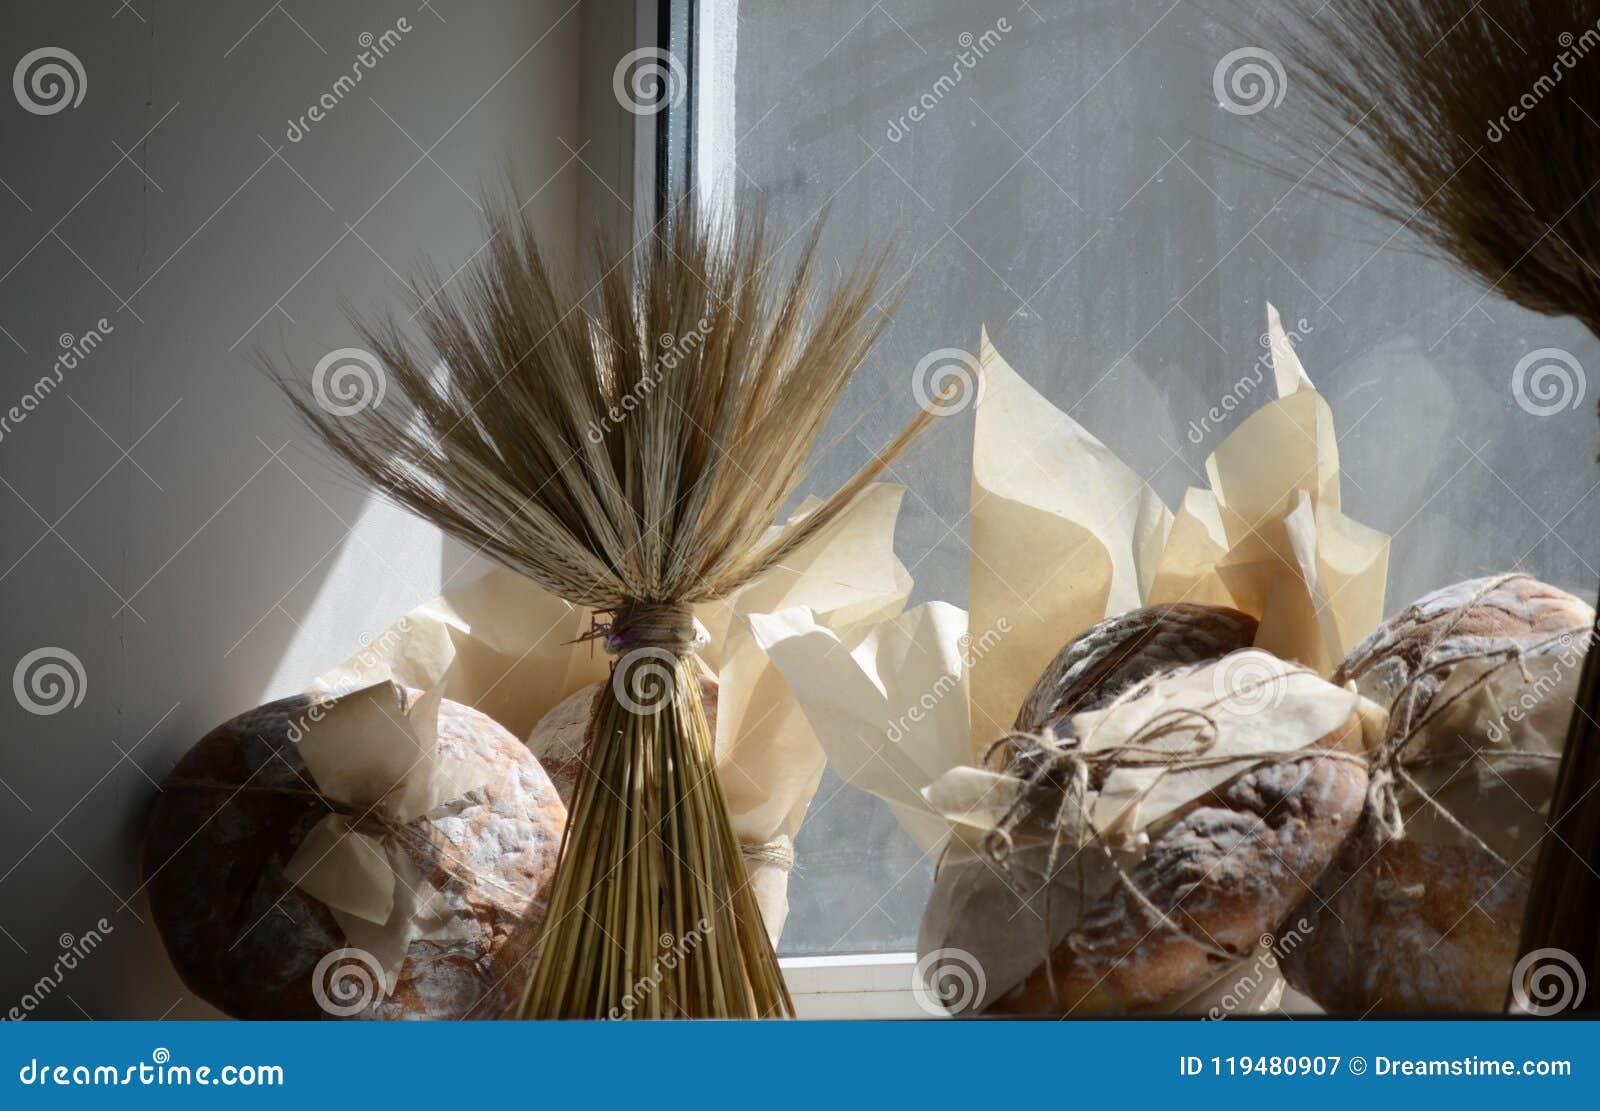 Pão fresco na padaria no amanhecer